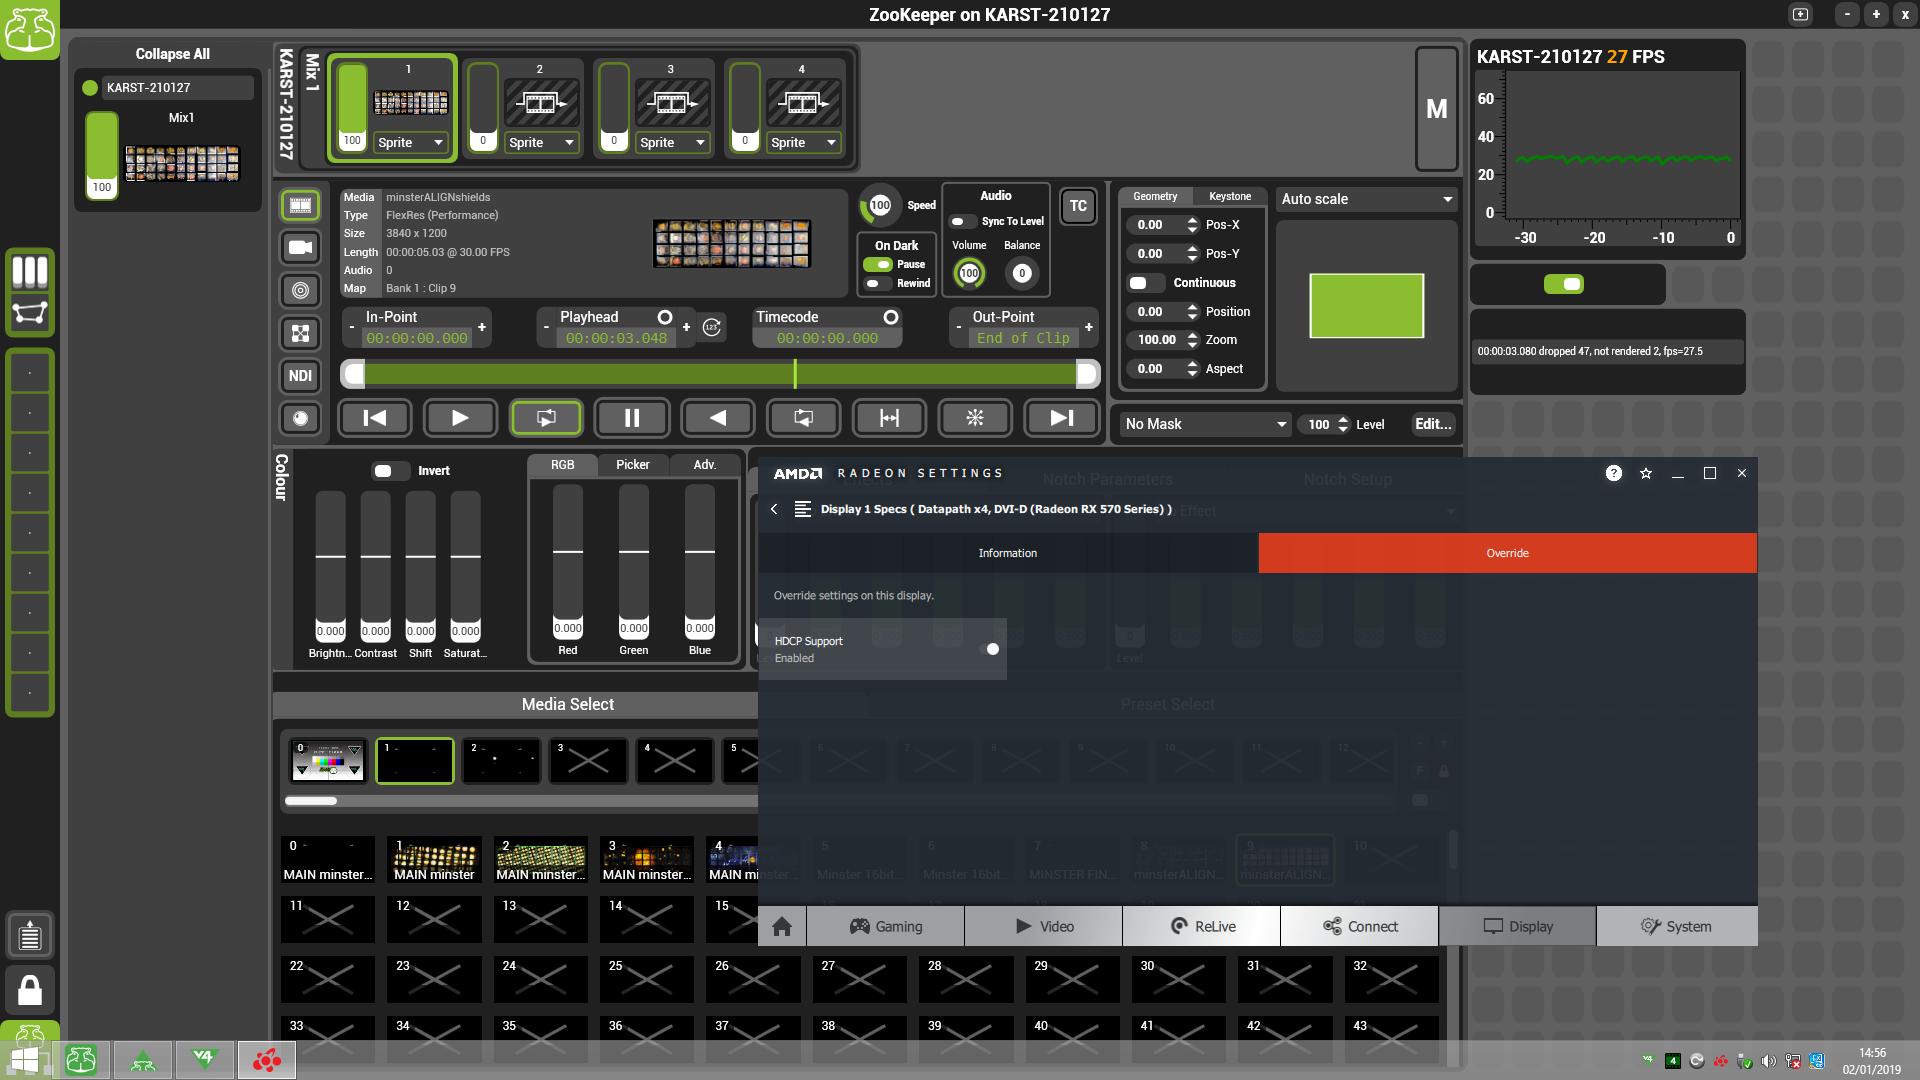 V4 KARST w/ RX570 stuttering running @ 30Hz - Green Hippo Support